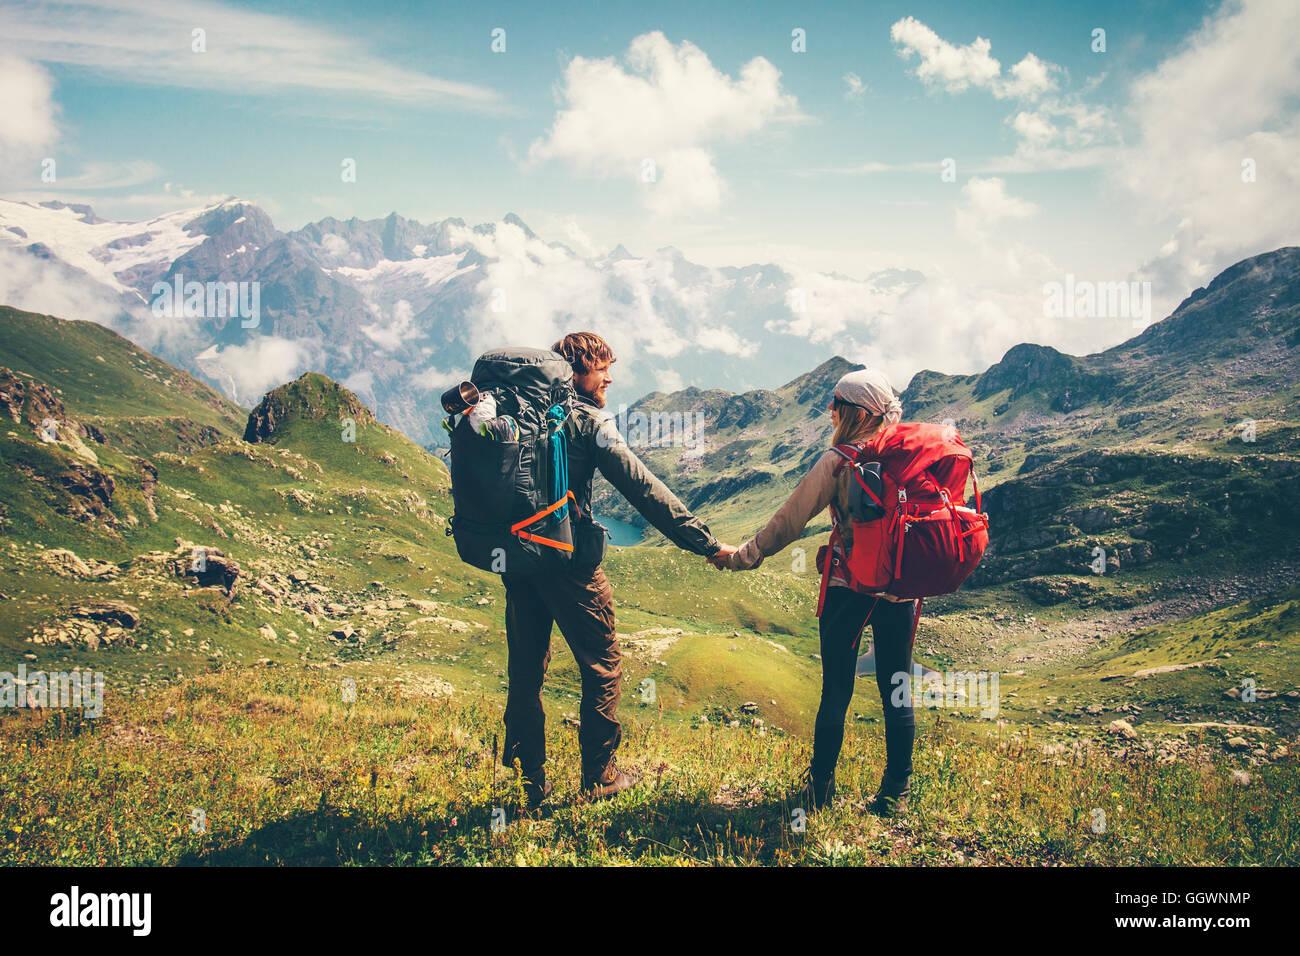 Couple Homme et Femme avec sac à dos alpinisme tenant la main de vie voyage vacances concept montagnes et nuages Photo Stock